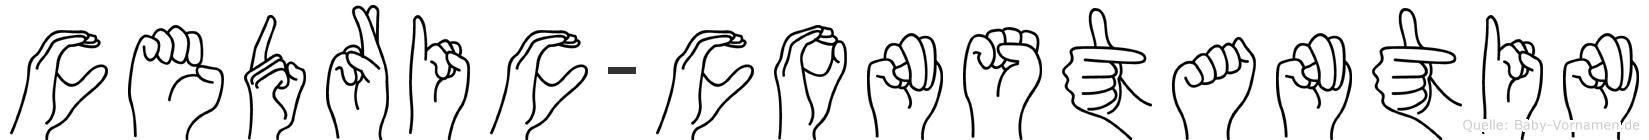 Cedric-Constantin im Fingeralphabet der Deutschen Gebärdensprache